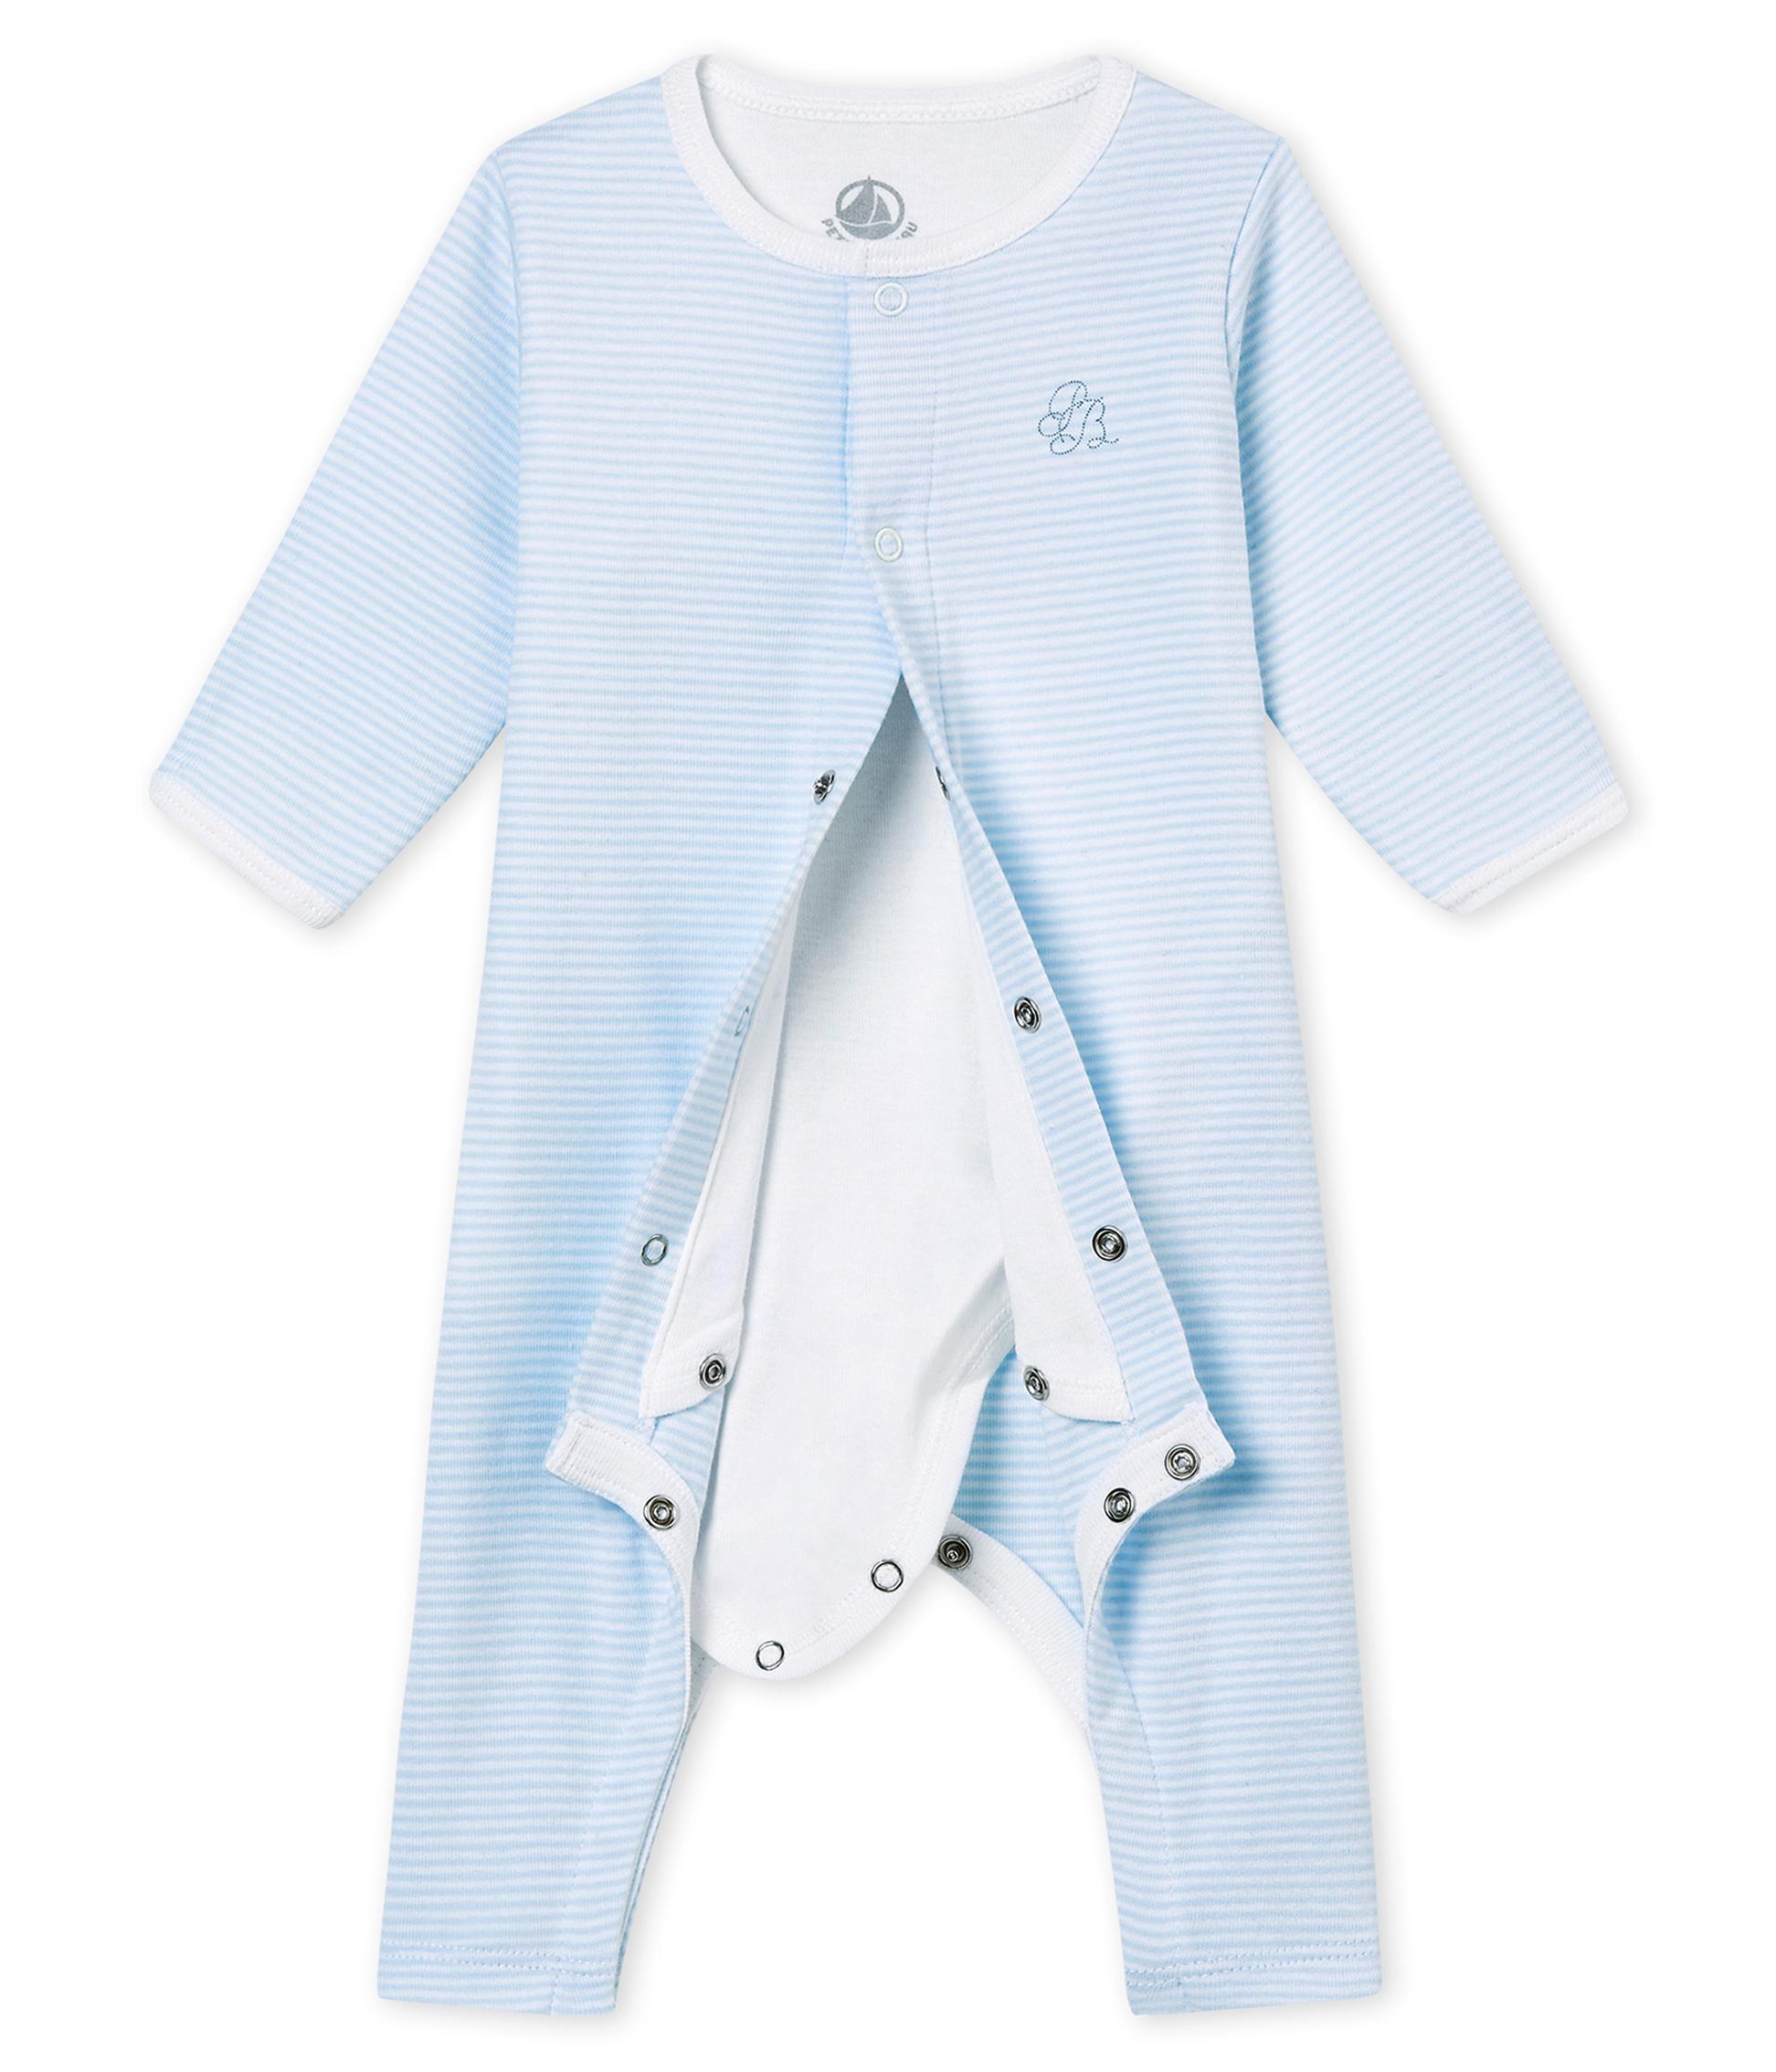 von Petit Bateau royalblau Strampler//Overall//Schlafanzug ohne Fuß NEU!